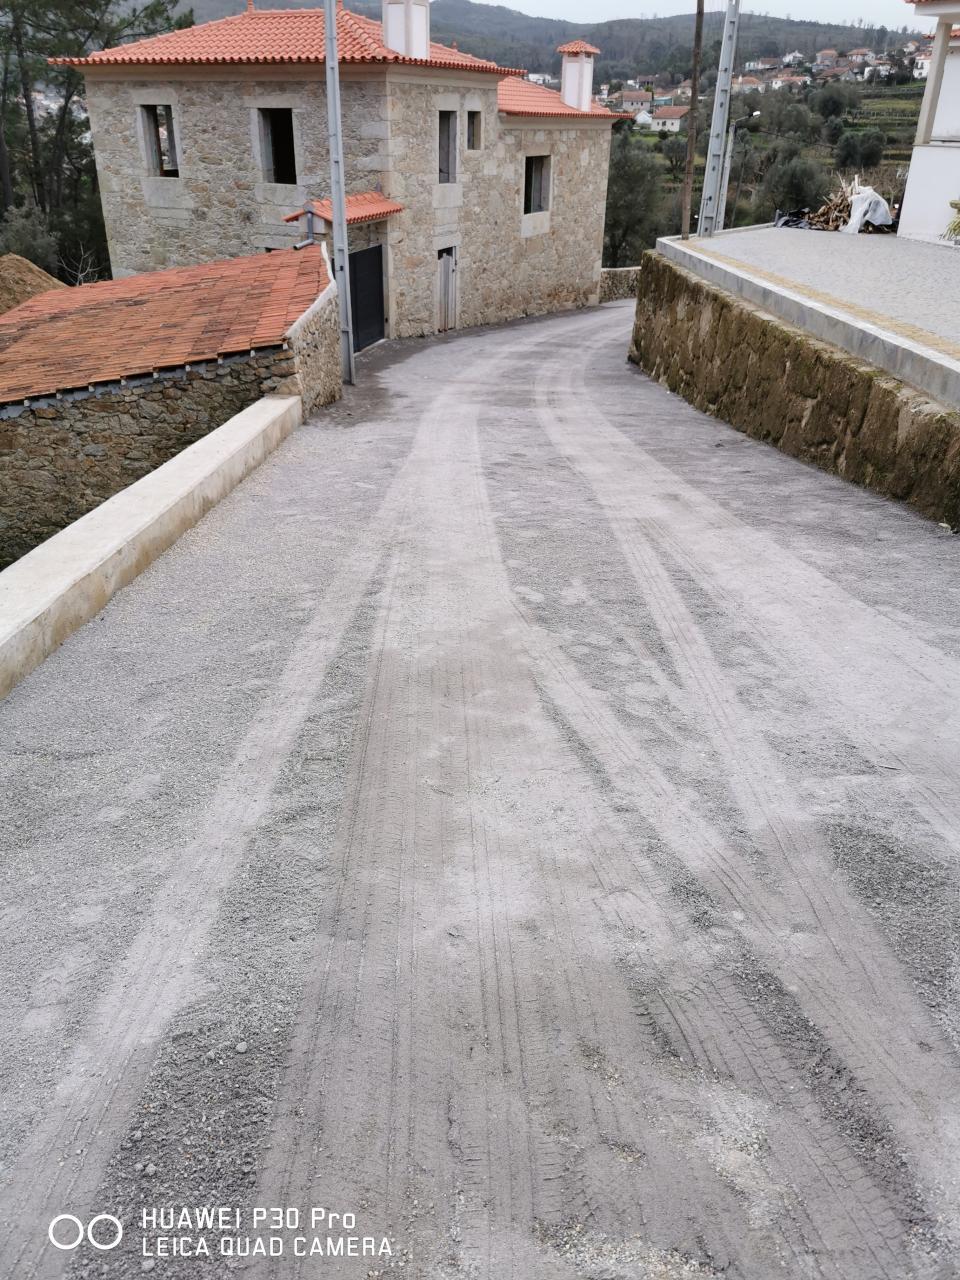 Junta de freguesia de Palme concluiu empreitada na rua da Agrela